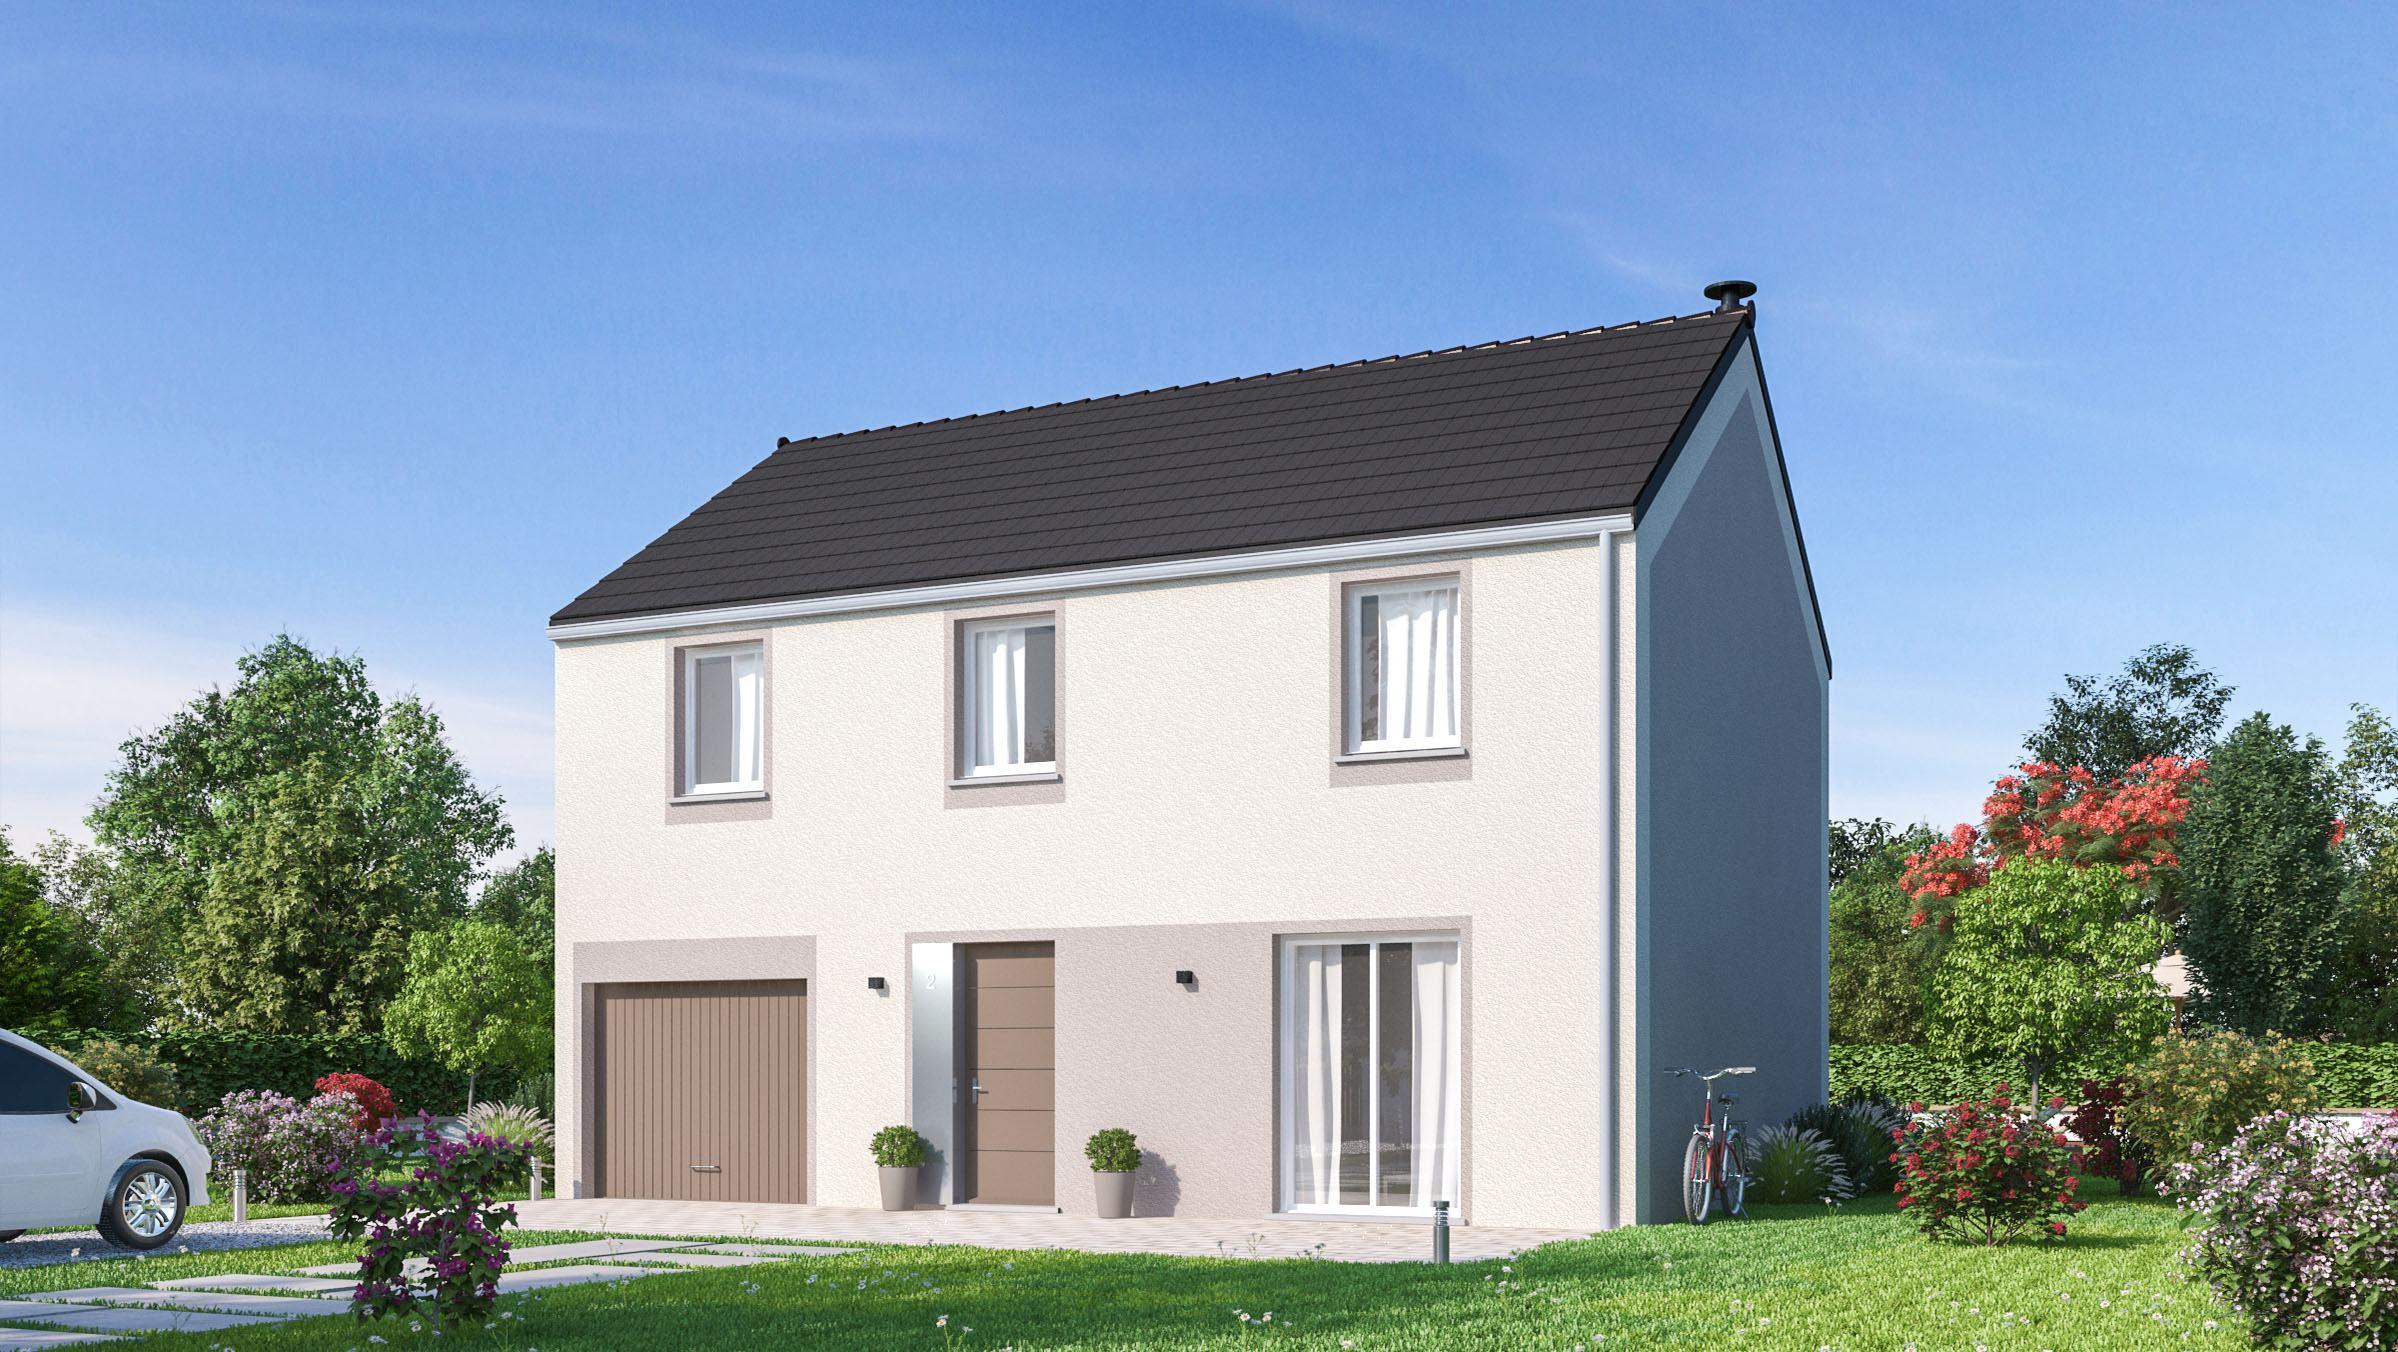 Maisons + Terrains du constructeur MAISONS PHENIX • 116 m² • SAINTE MARIE AUX CHENES